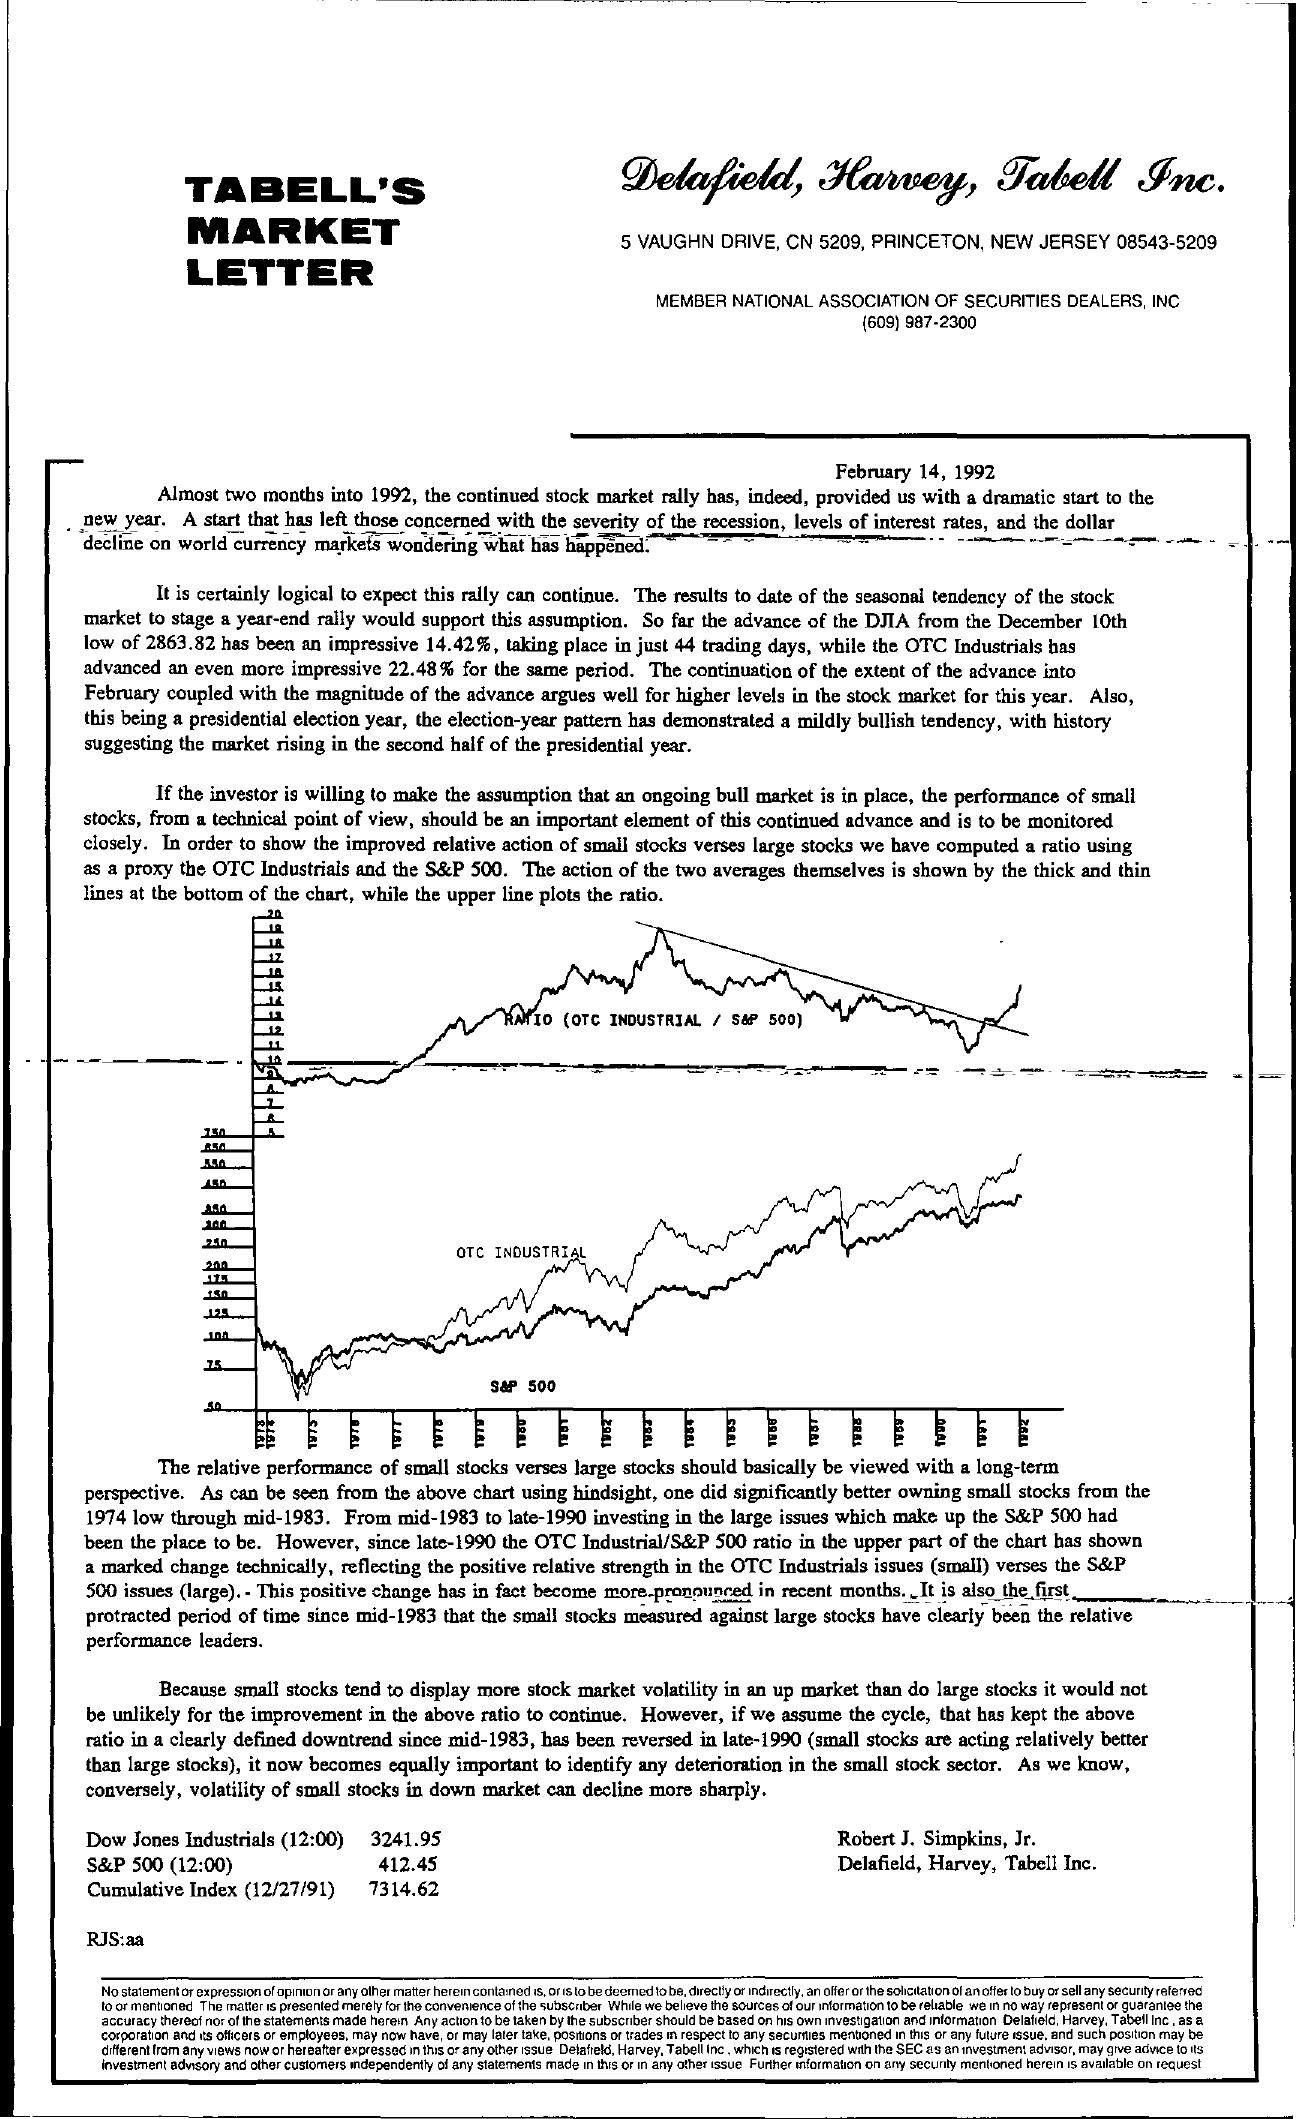 Tabell's Market Letter - February 14, 1992